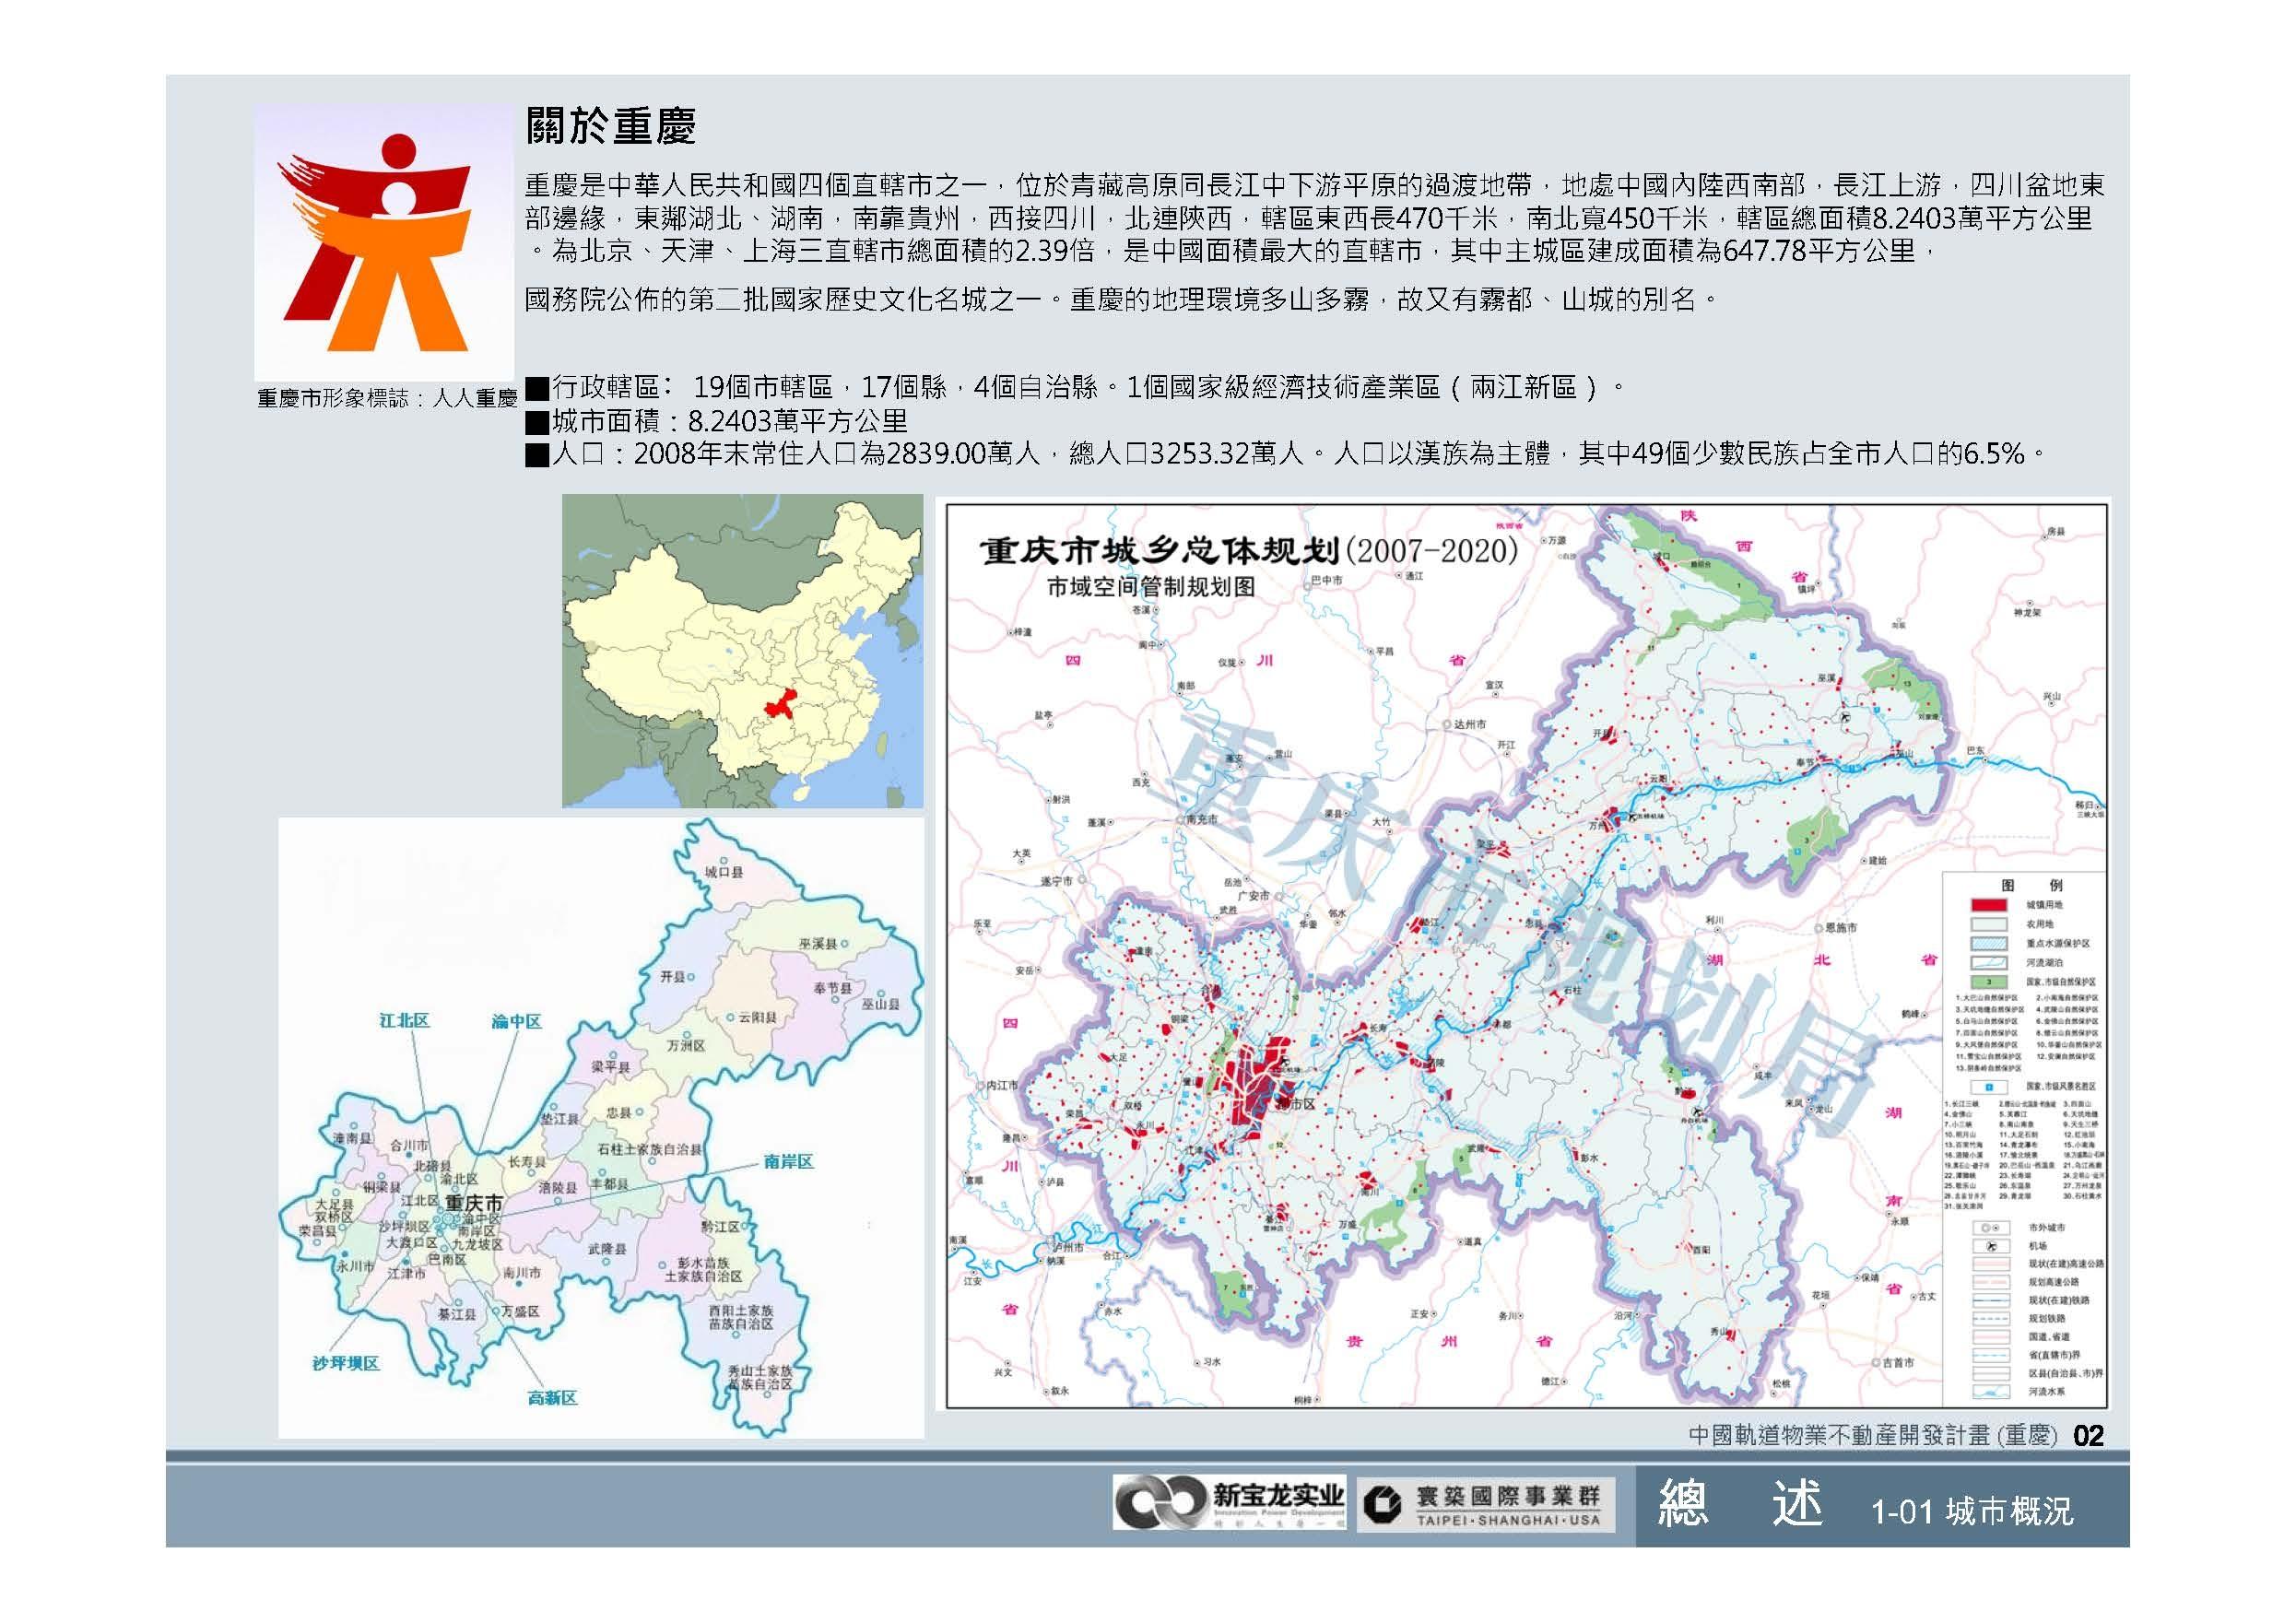 20100812-中國軌道物業不動產開發計畫(重慶)_頁面_03